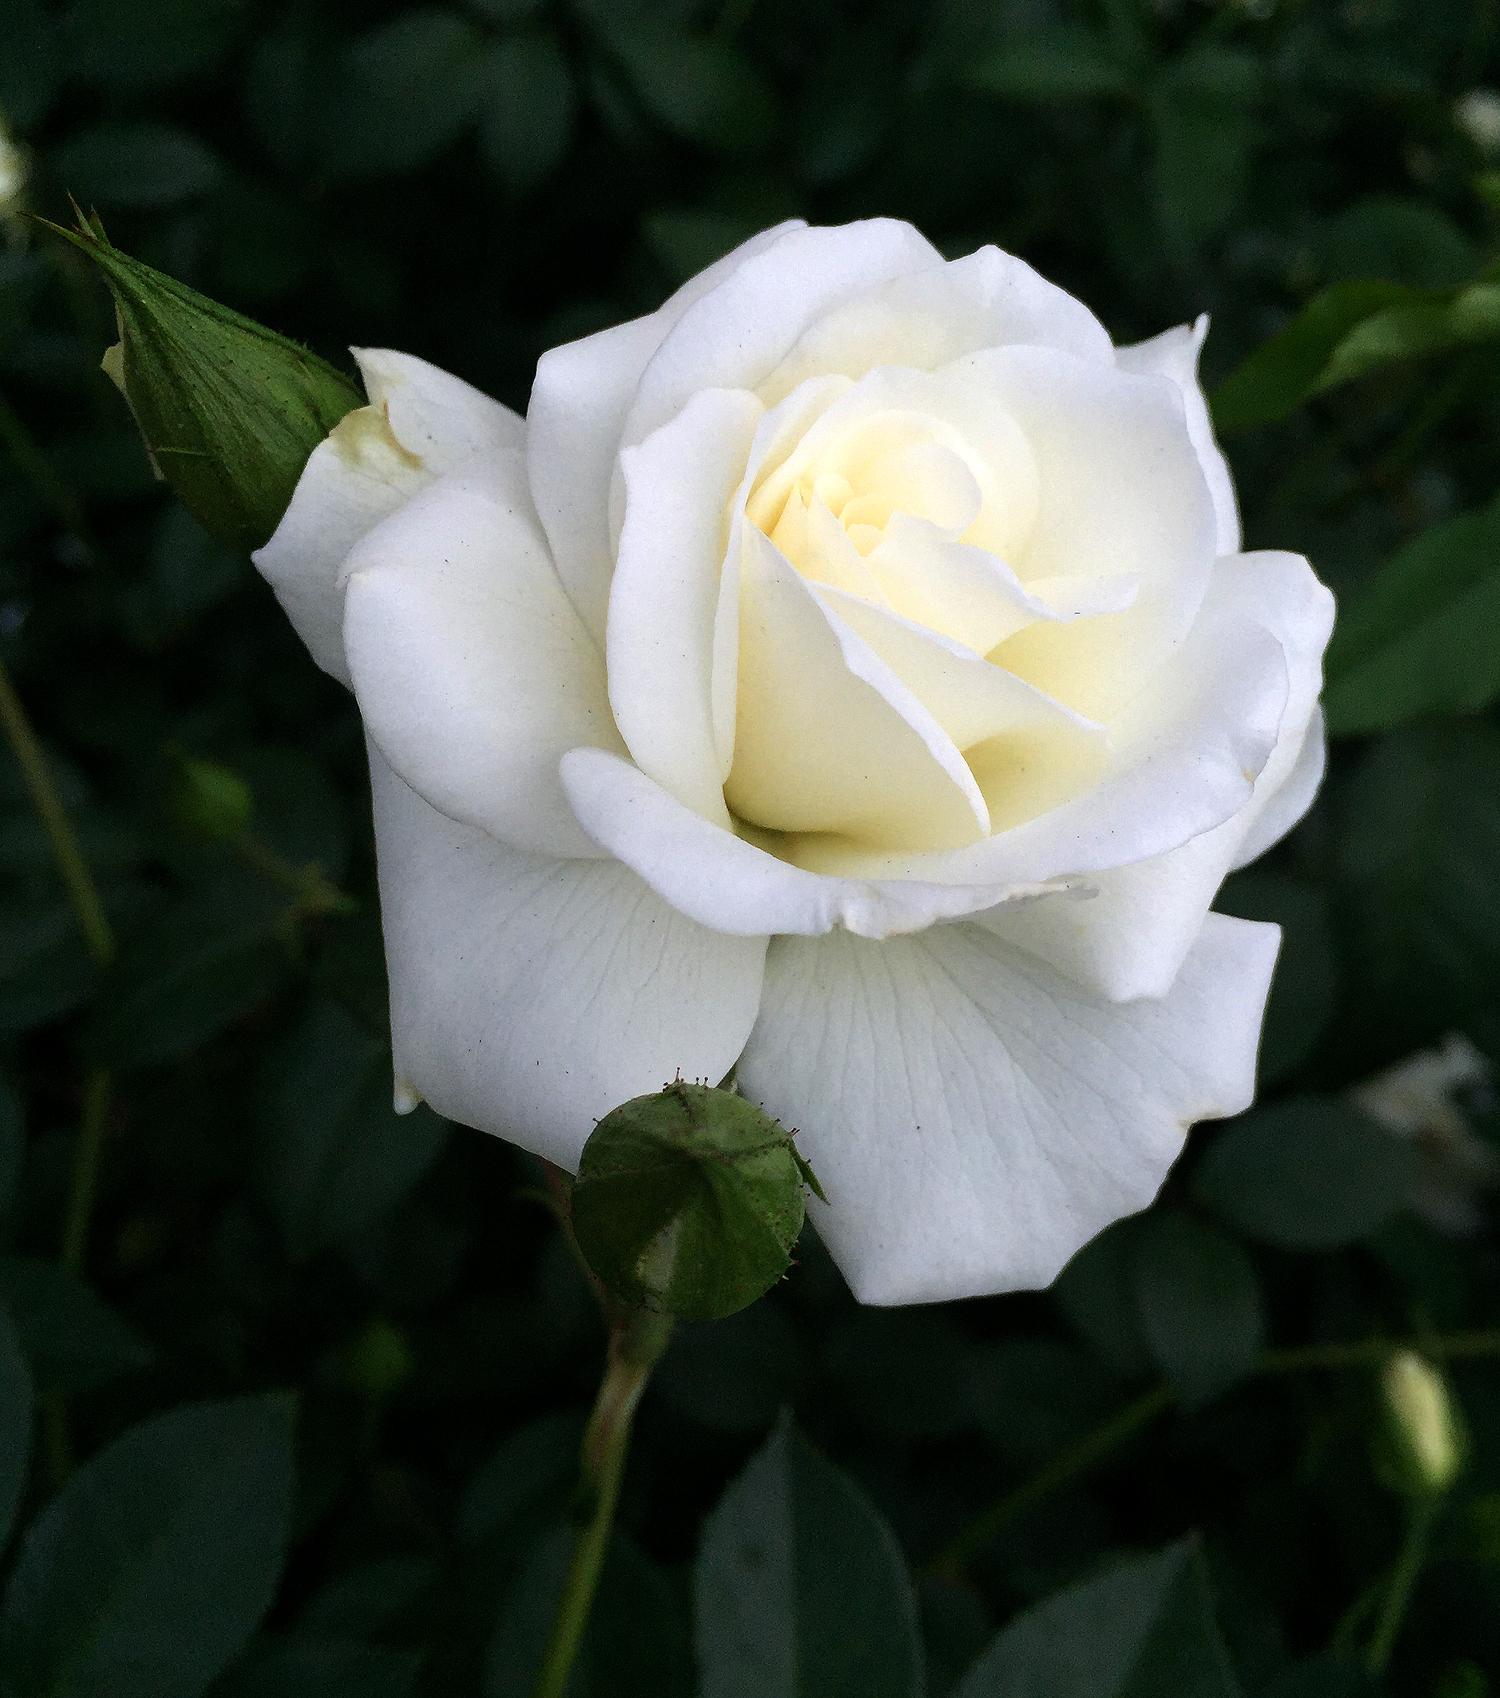 Đóa hoa hồng trắng giữa tán lá xanh